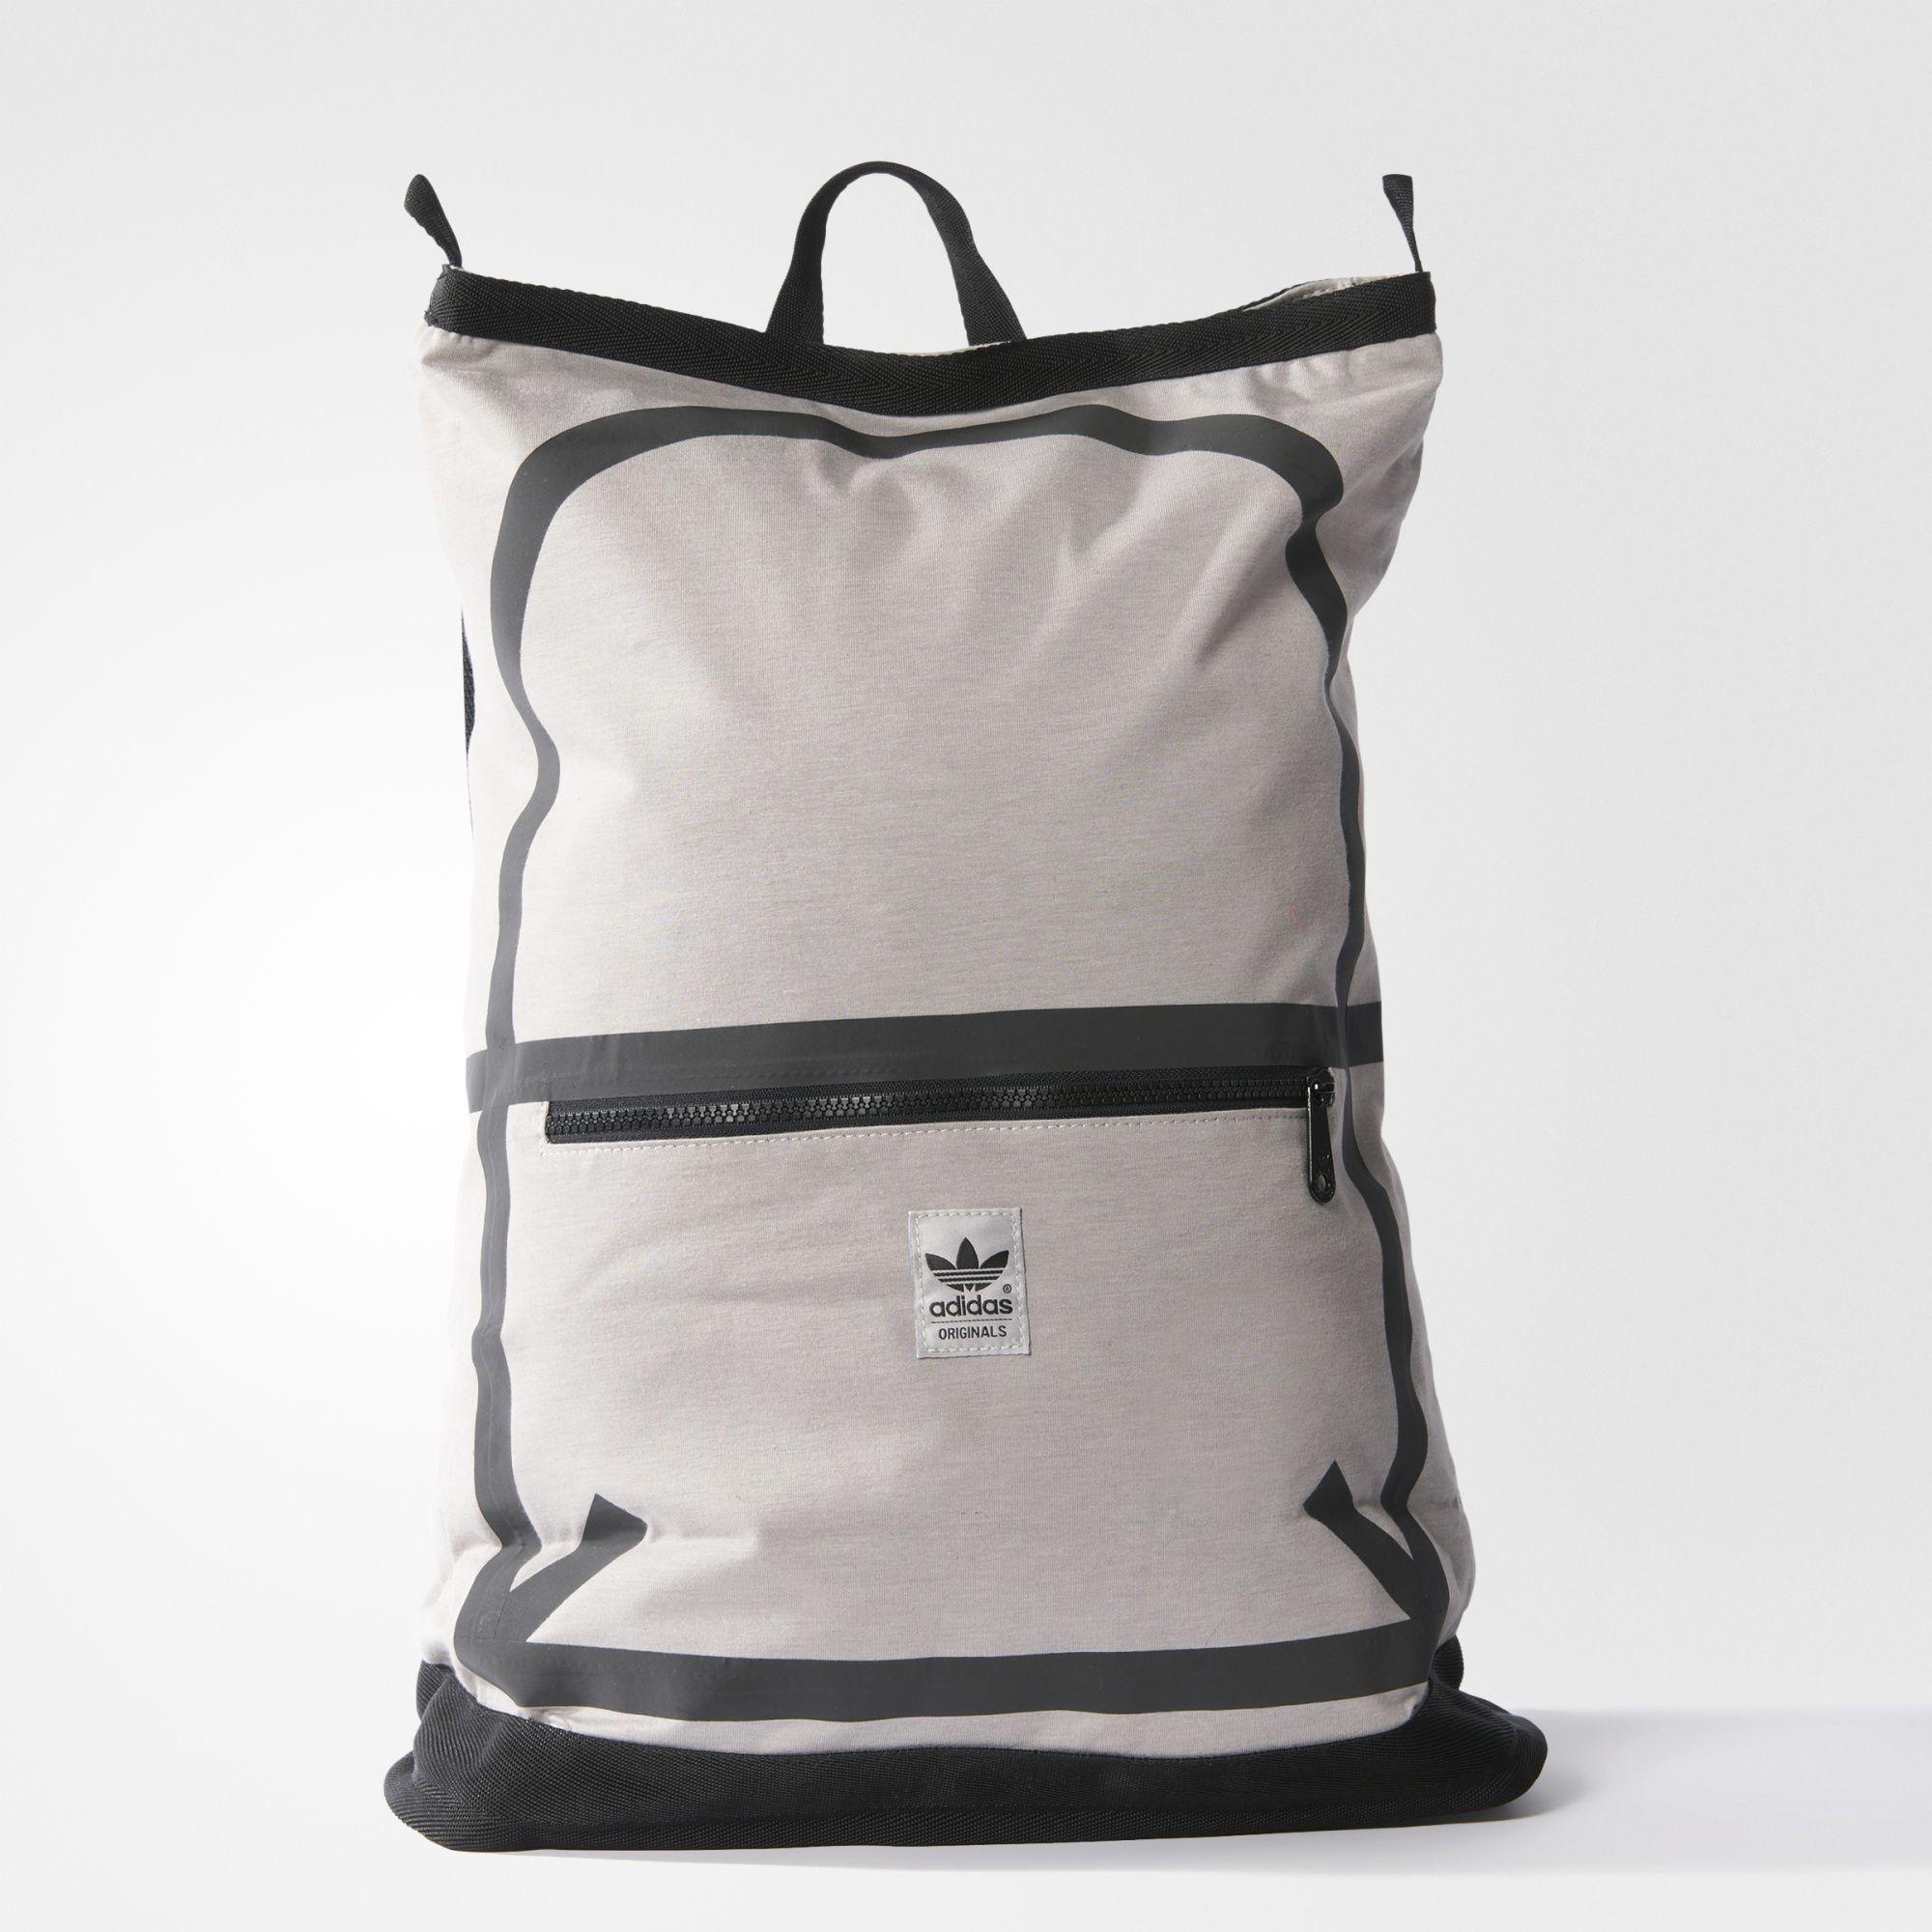 Рюкзак jack kerouac city backpacks школьный рюкзак нижний новгород